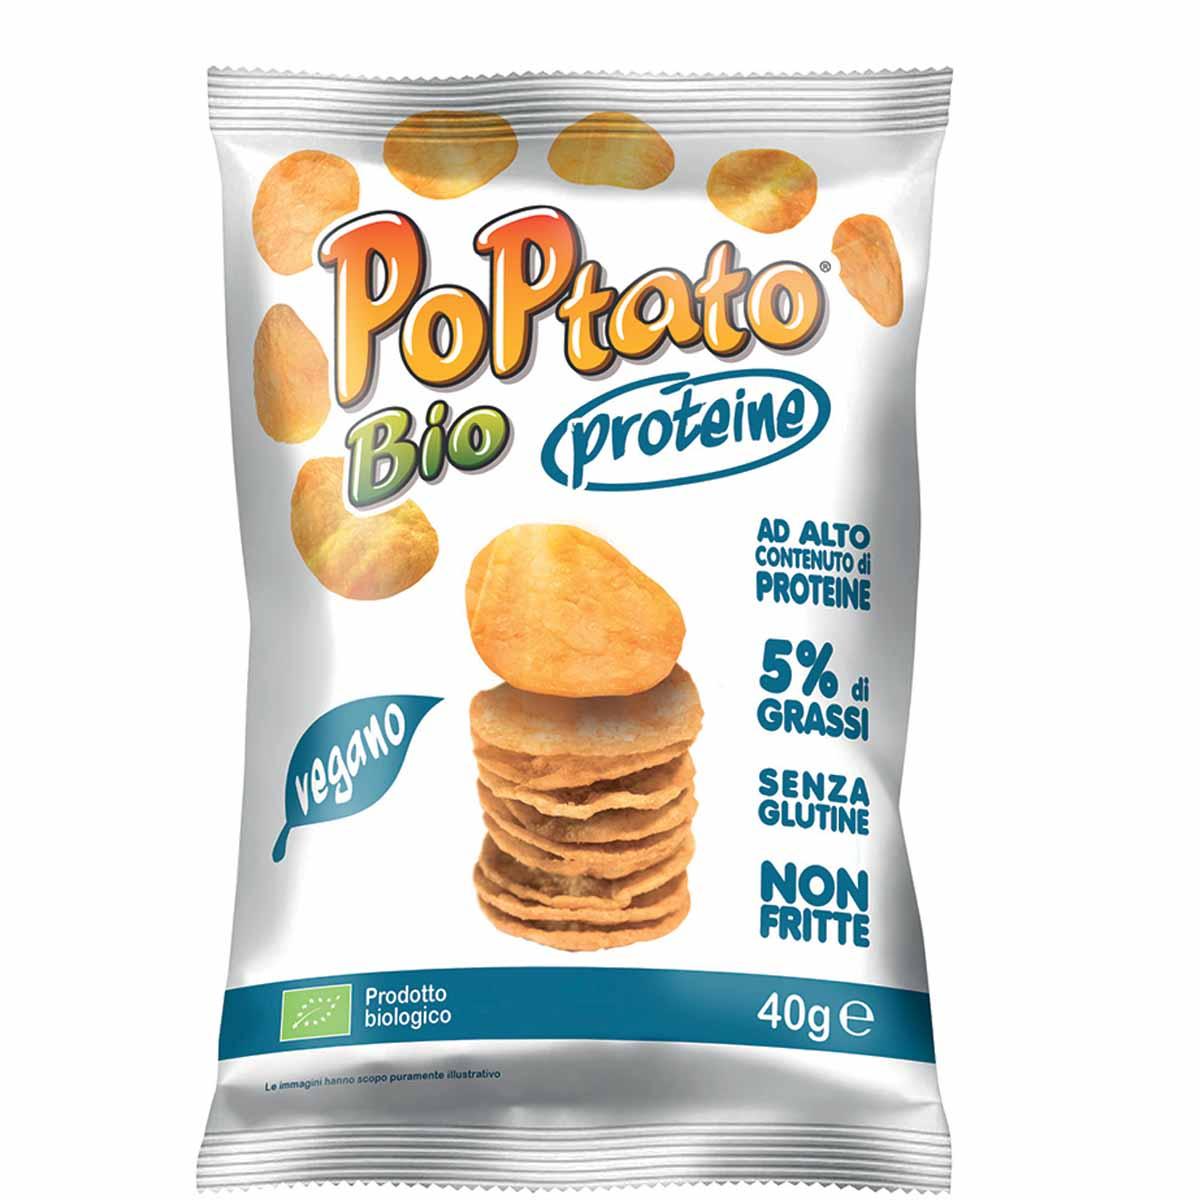 Poptato Bio – La patatina non fritta e con proteine